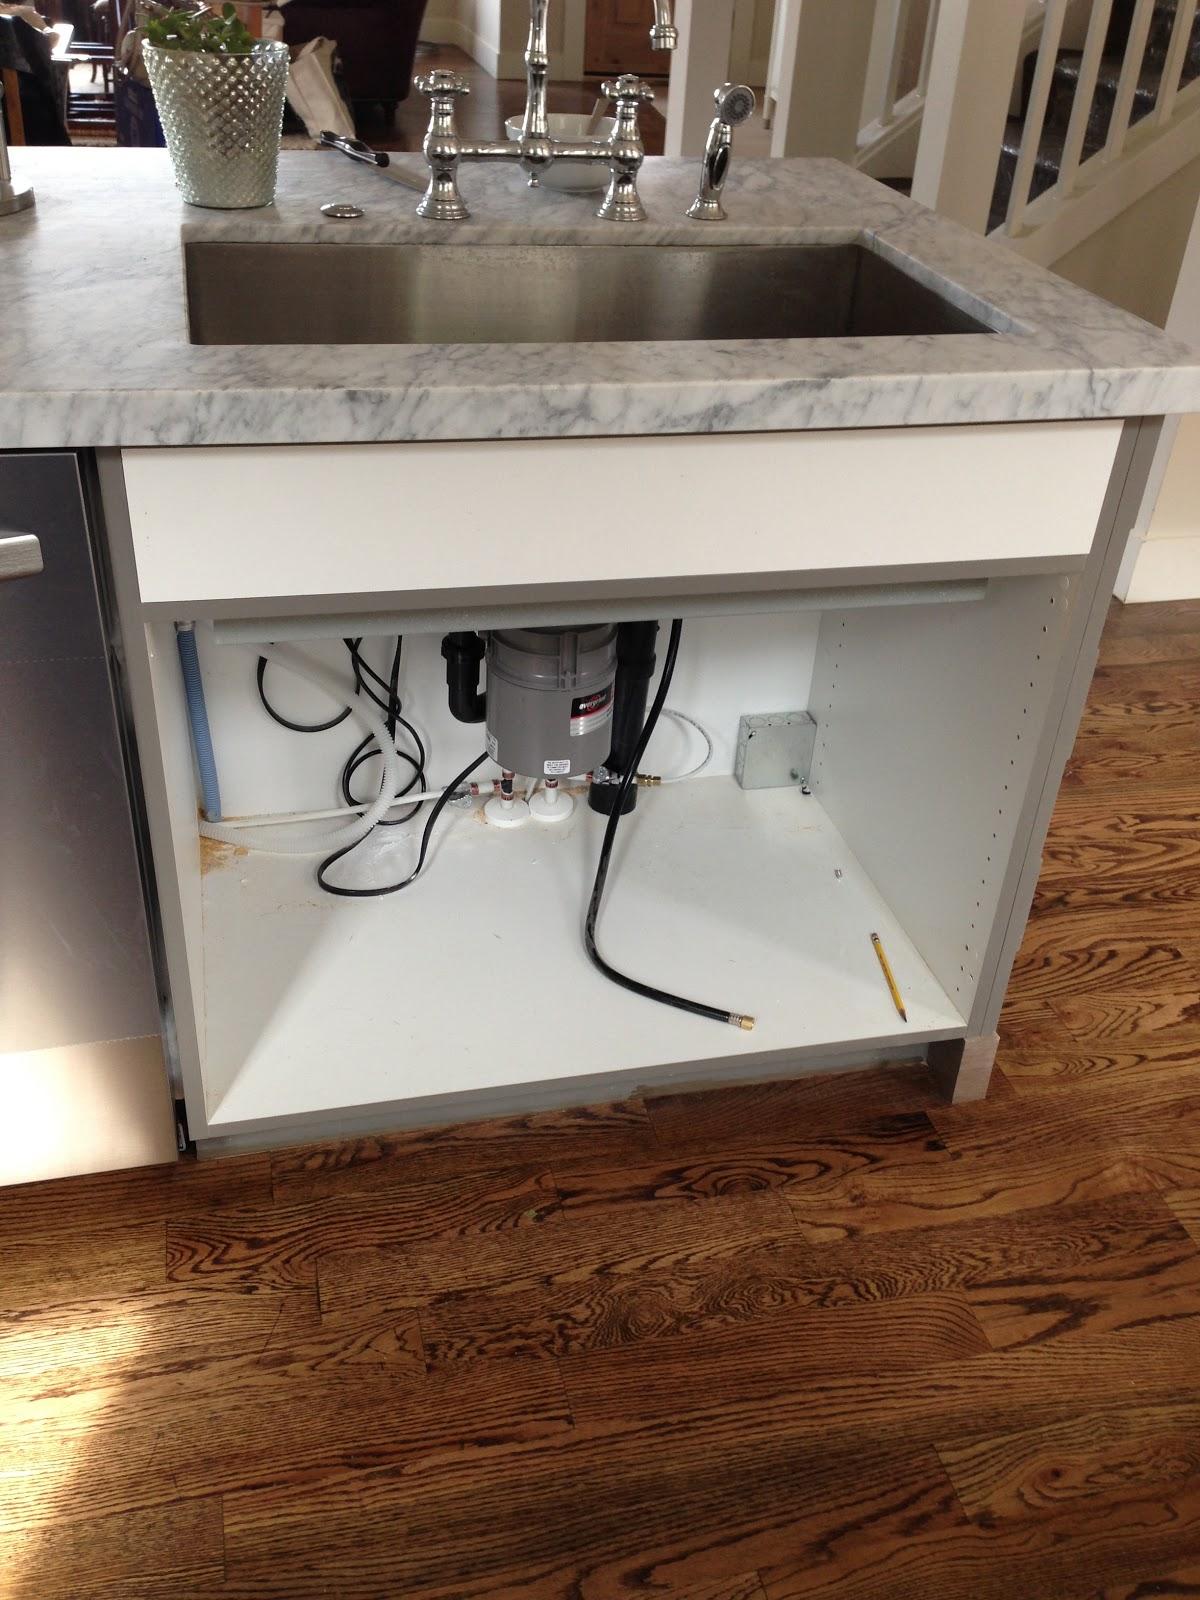 Design dump drawers under the kitchen sink drawers under the kitchen sink workwithnaturefo